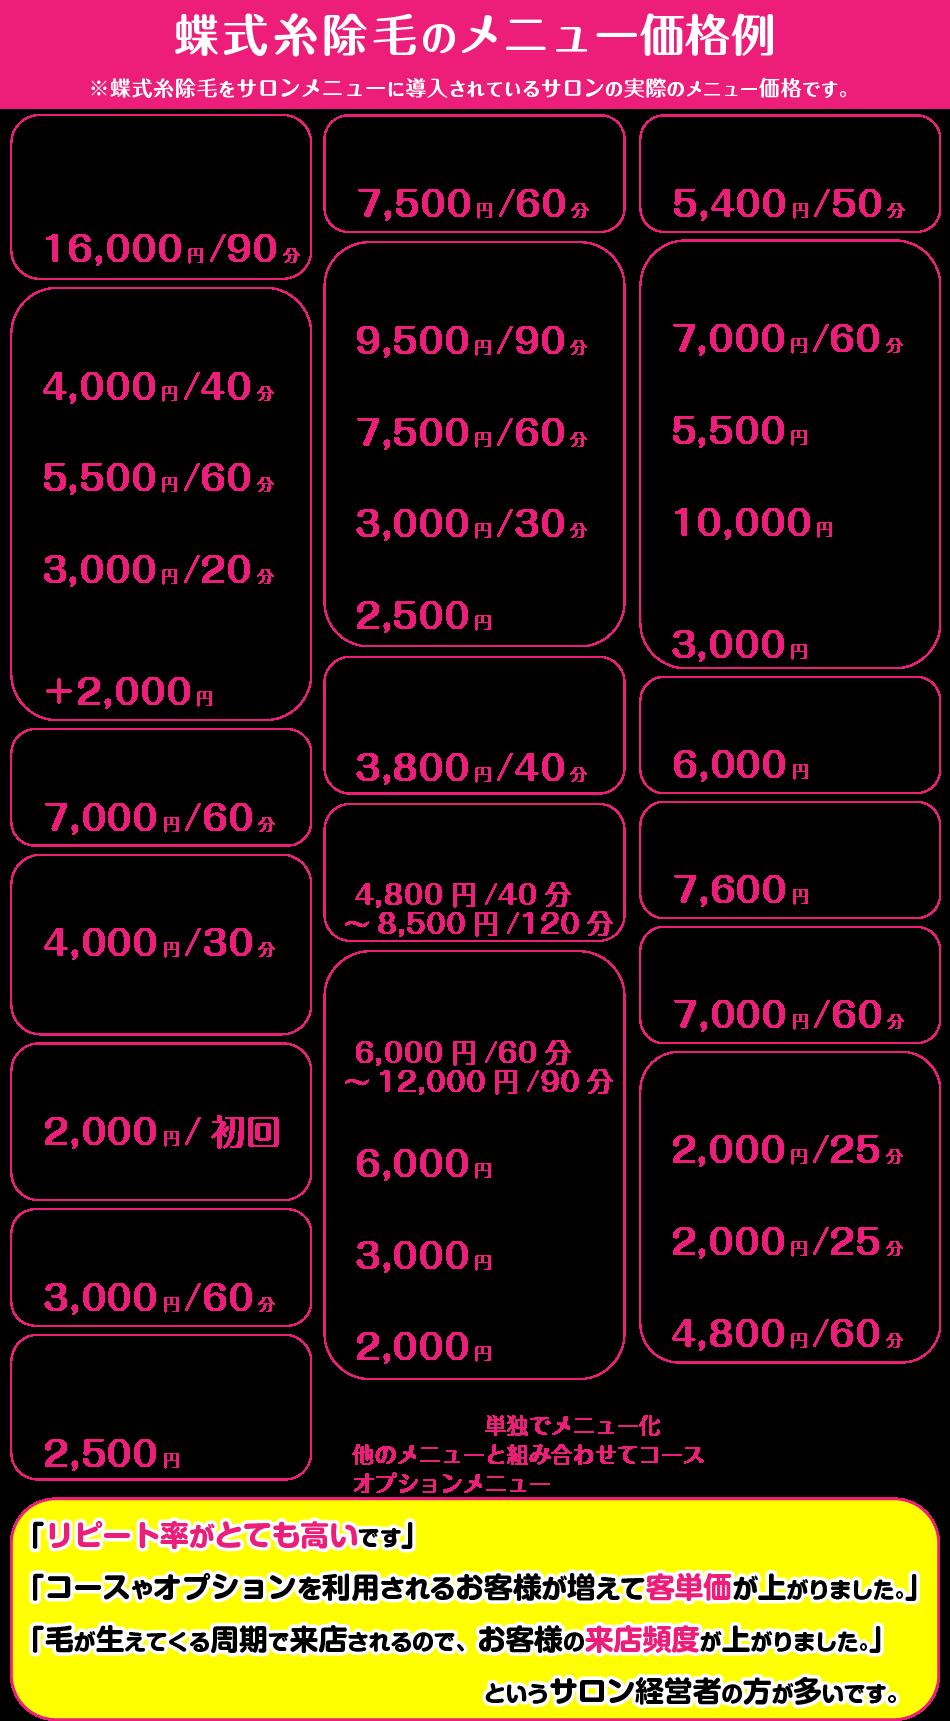 スレッディング糸除毛の価格例